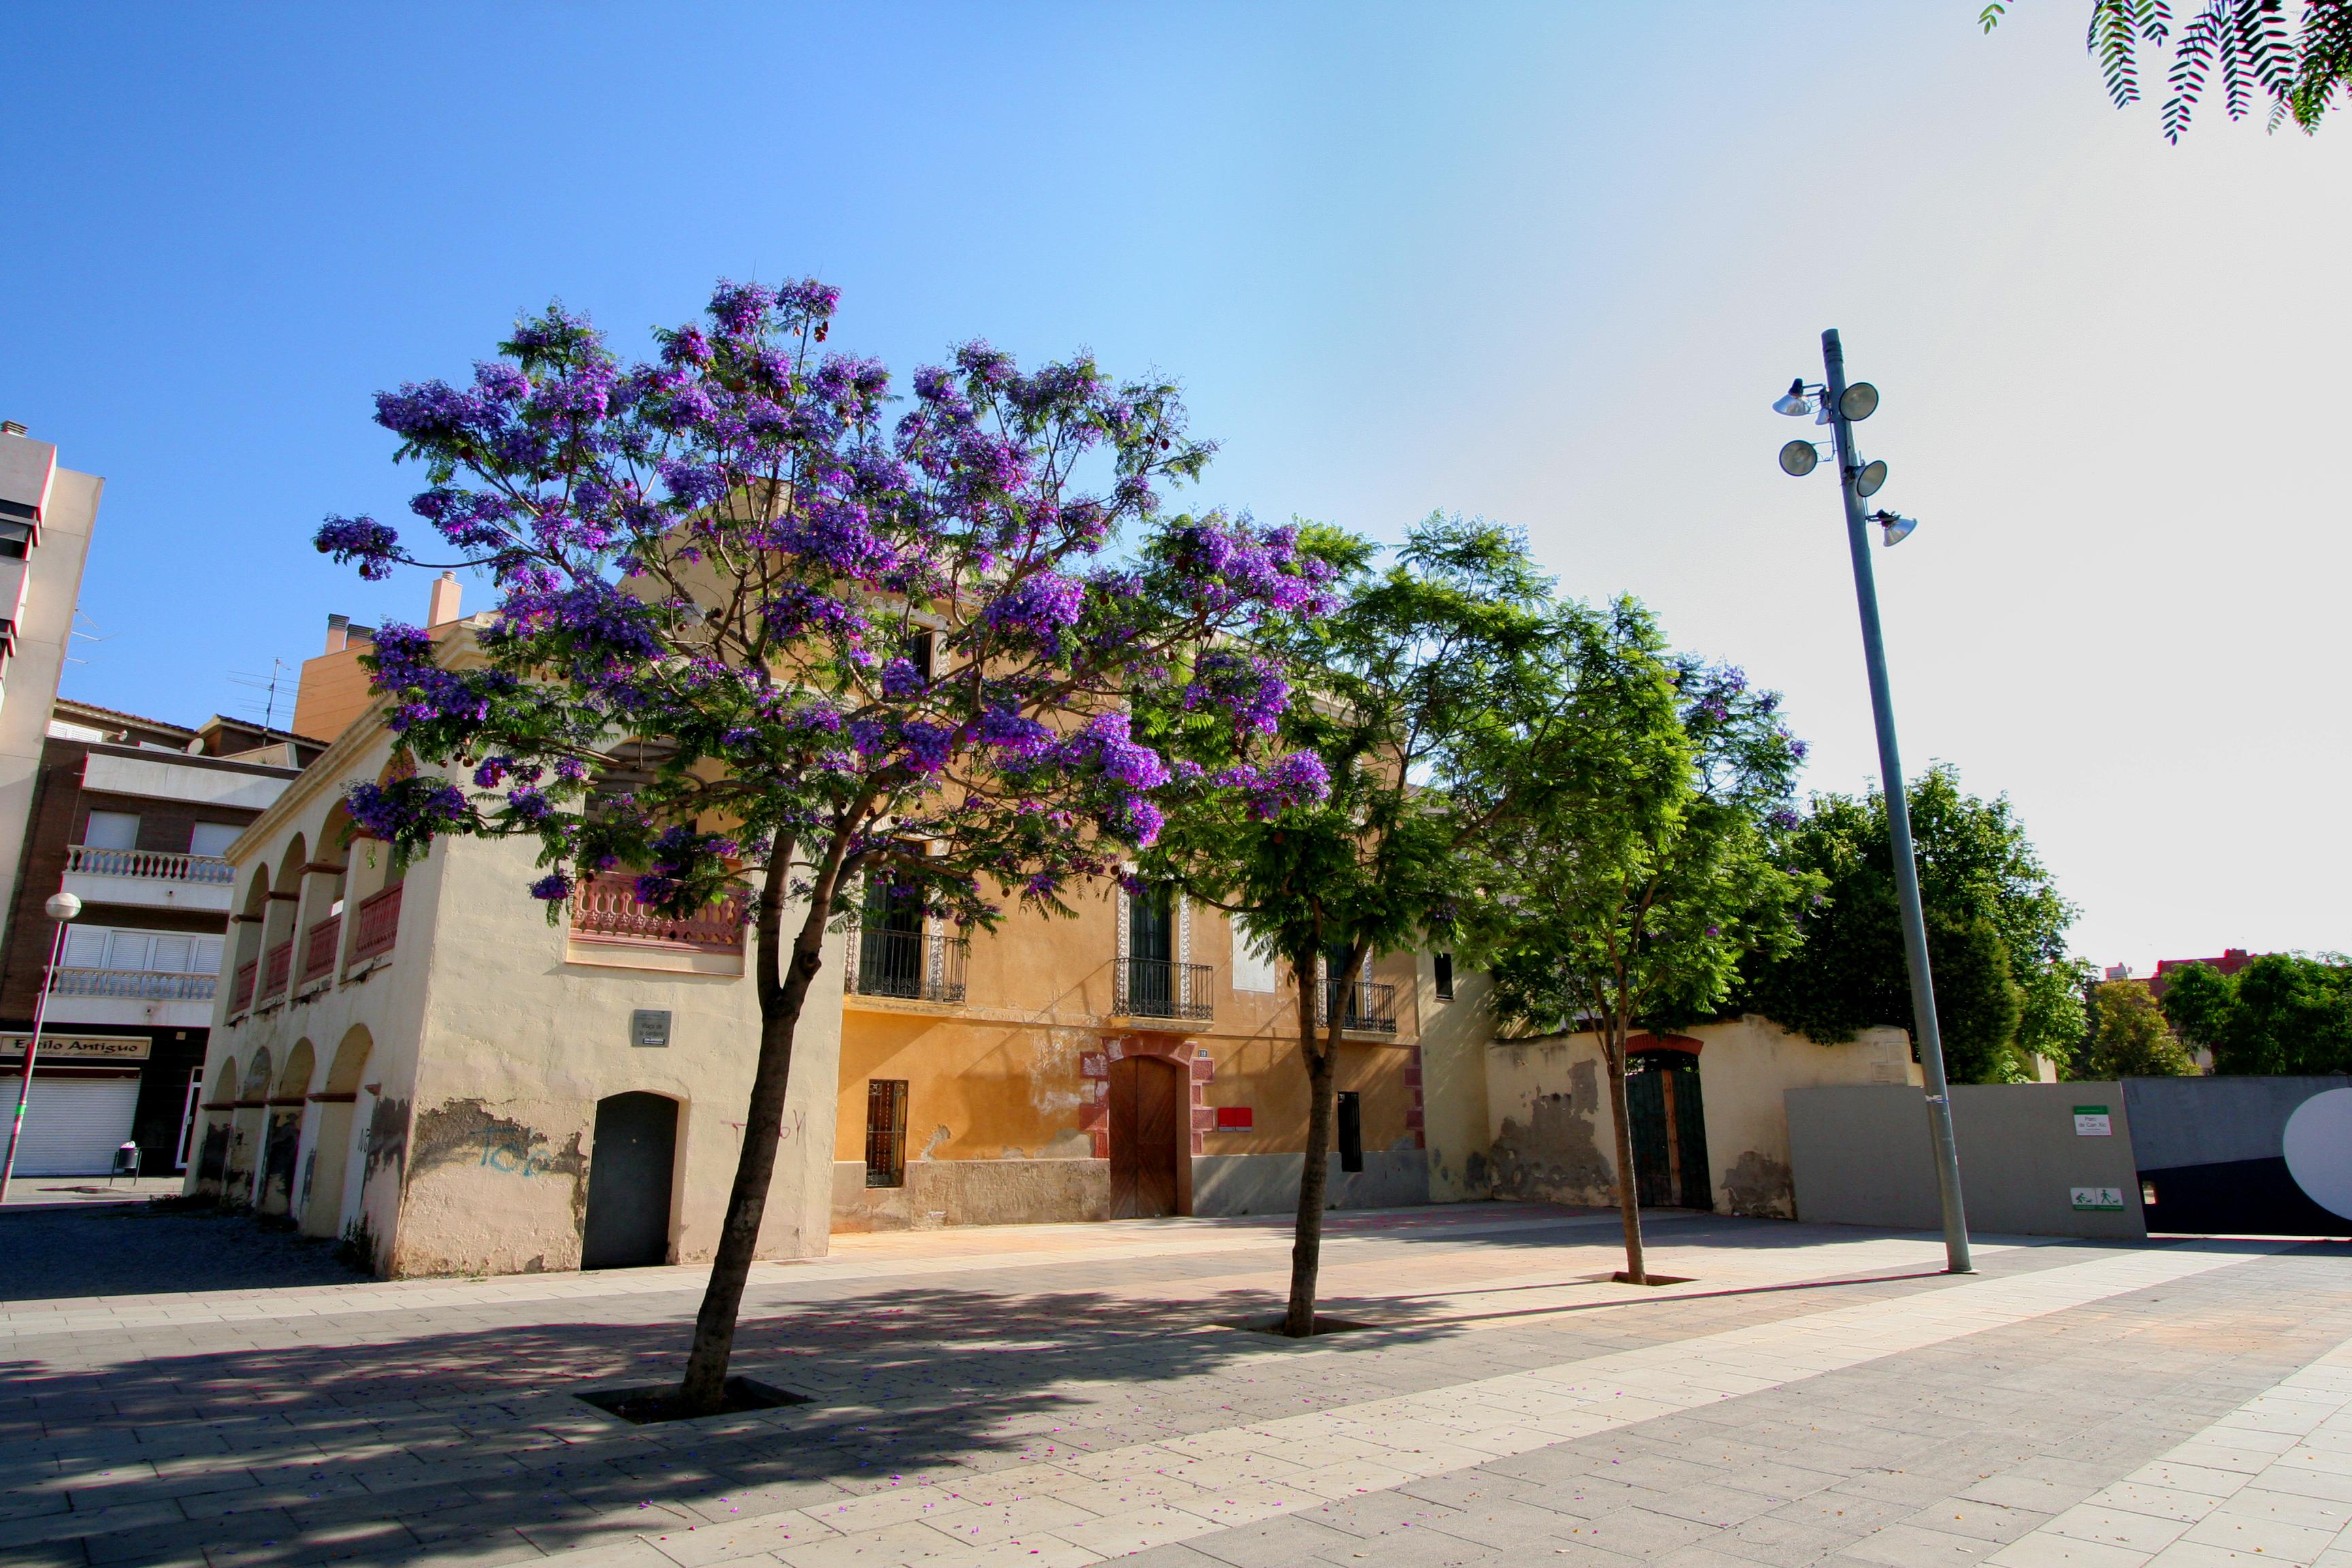 Font: Fons Ajuntament de Viladecans, AMVA